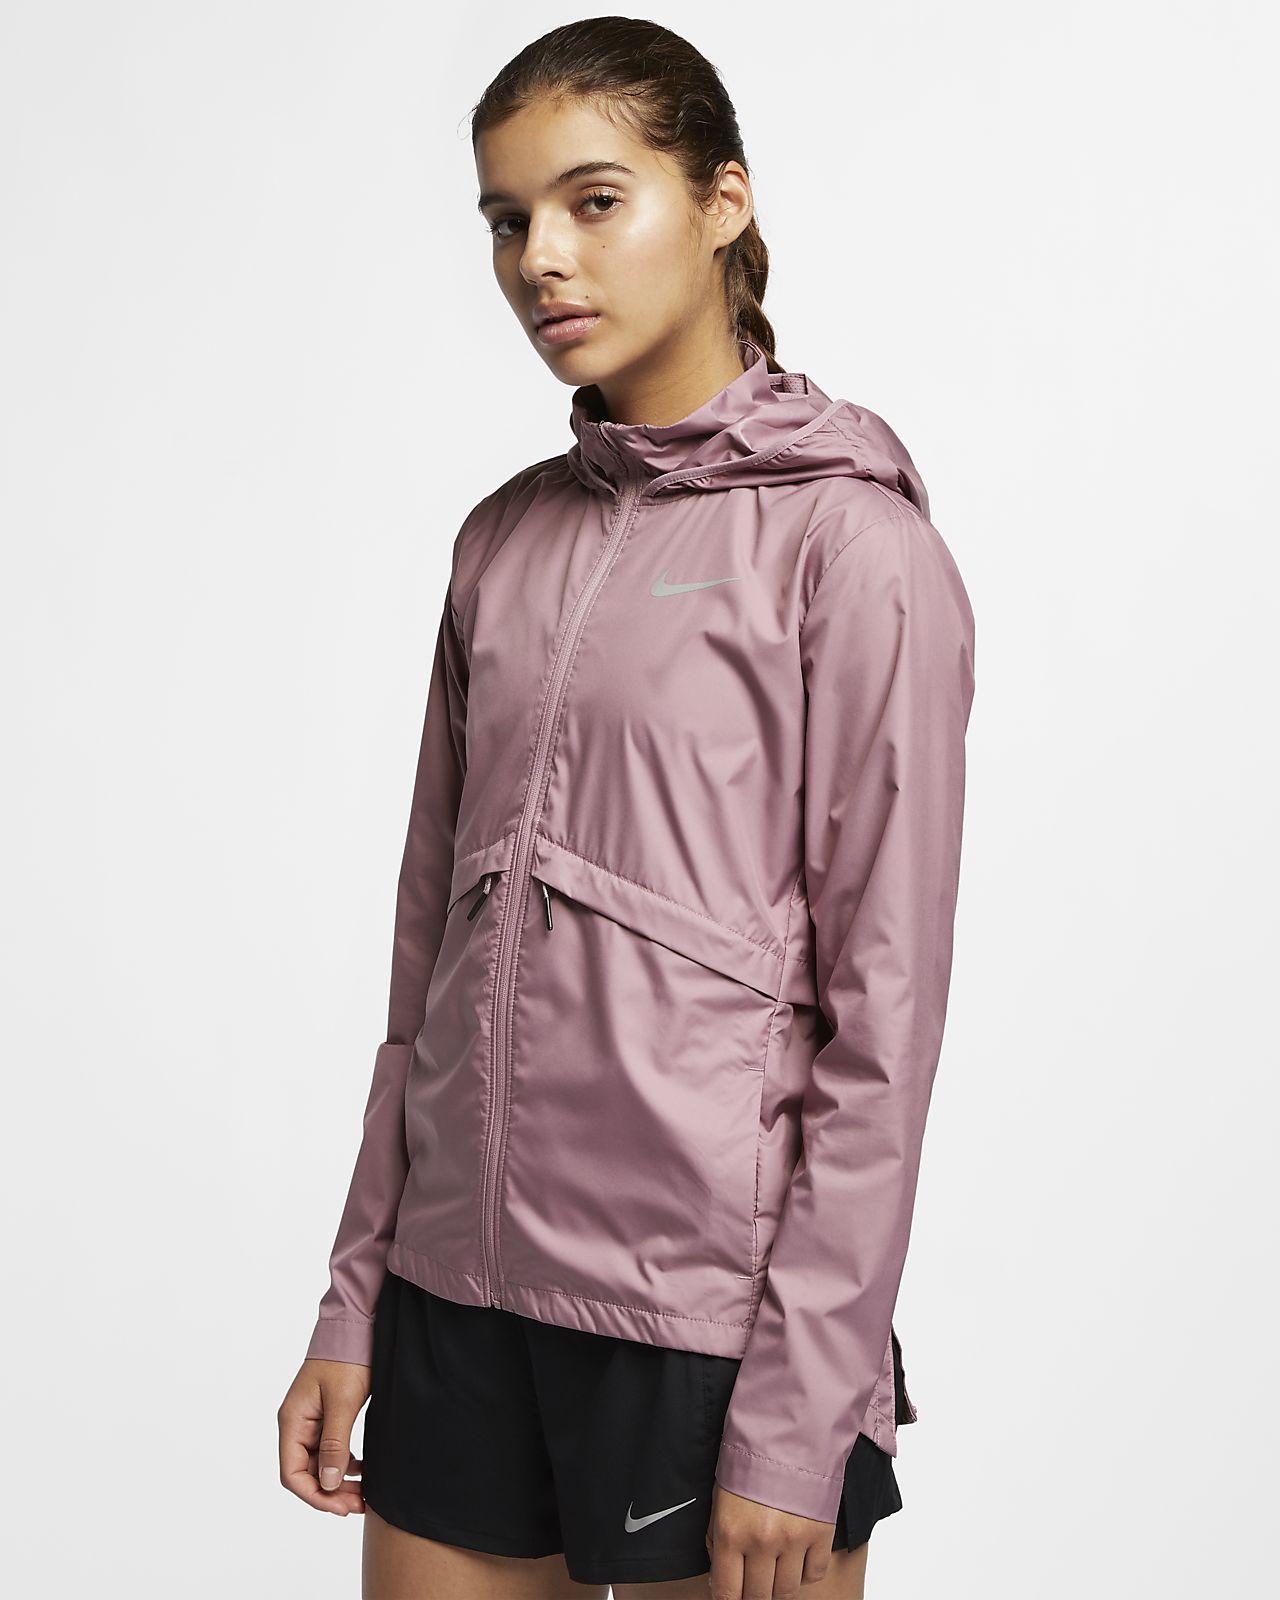 Donna Giacca Da Impermeabile Running Xfhwwnadq Nike Essential Packable wHIxUqH